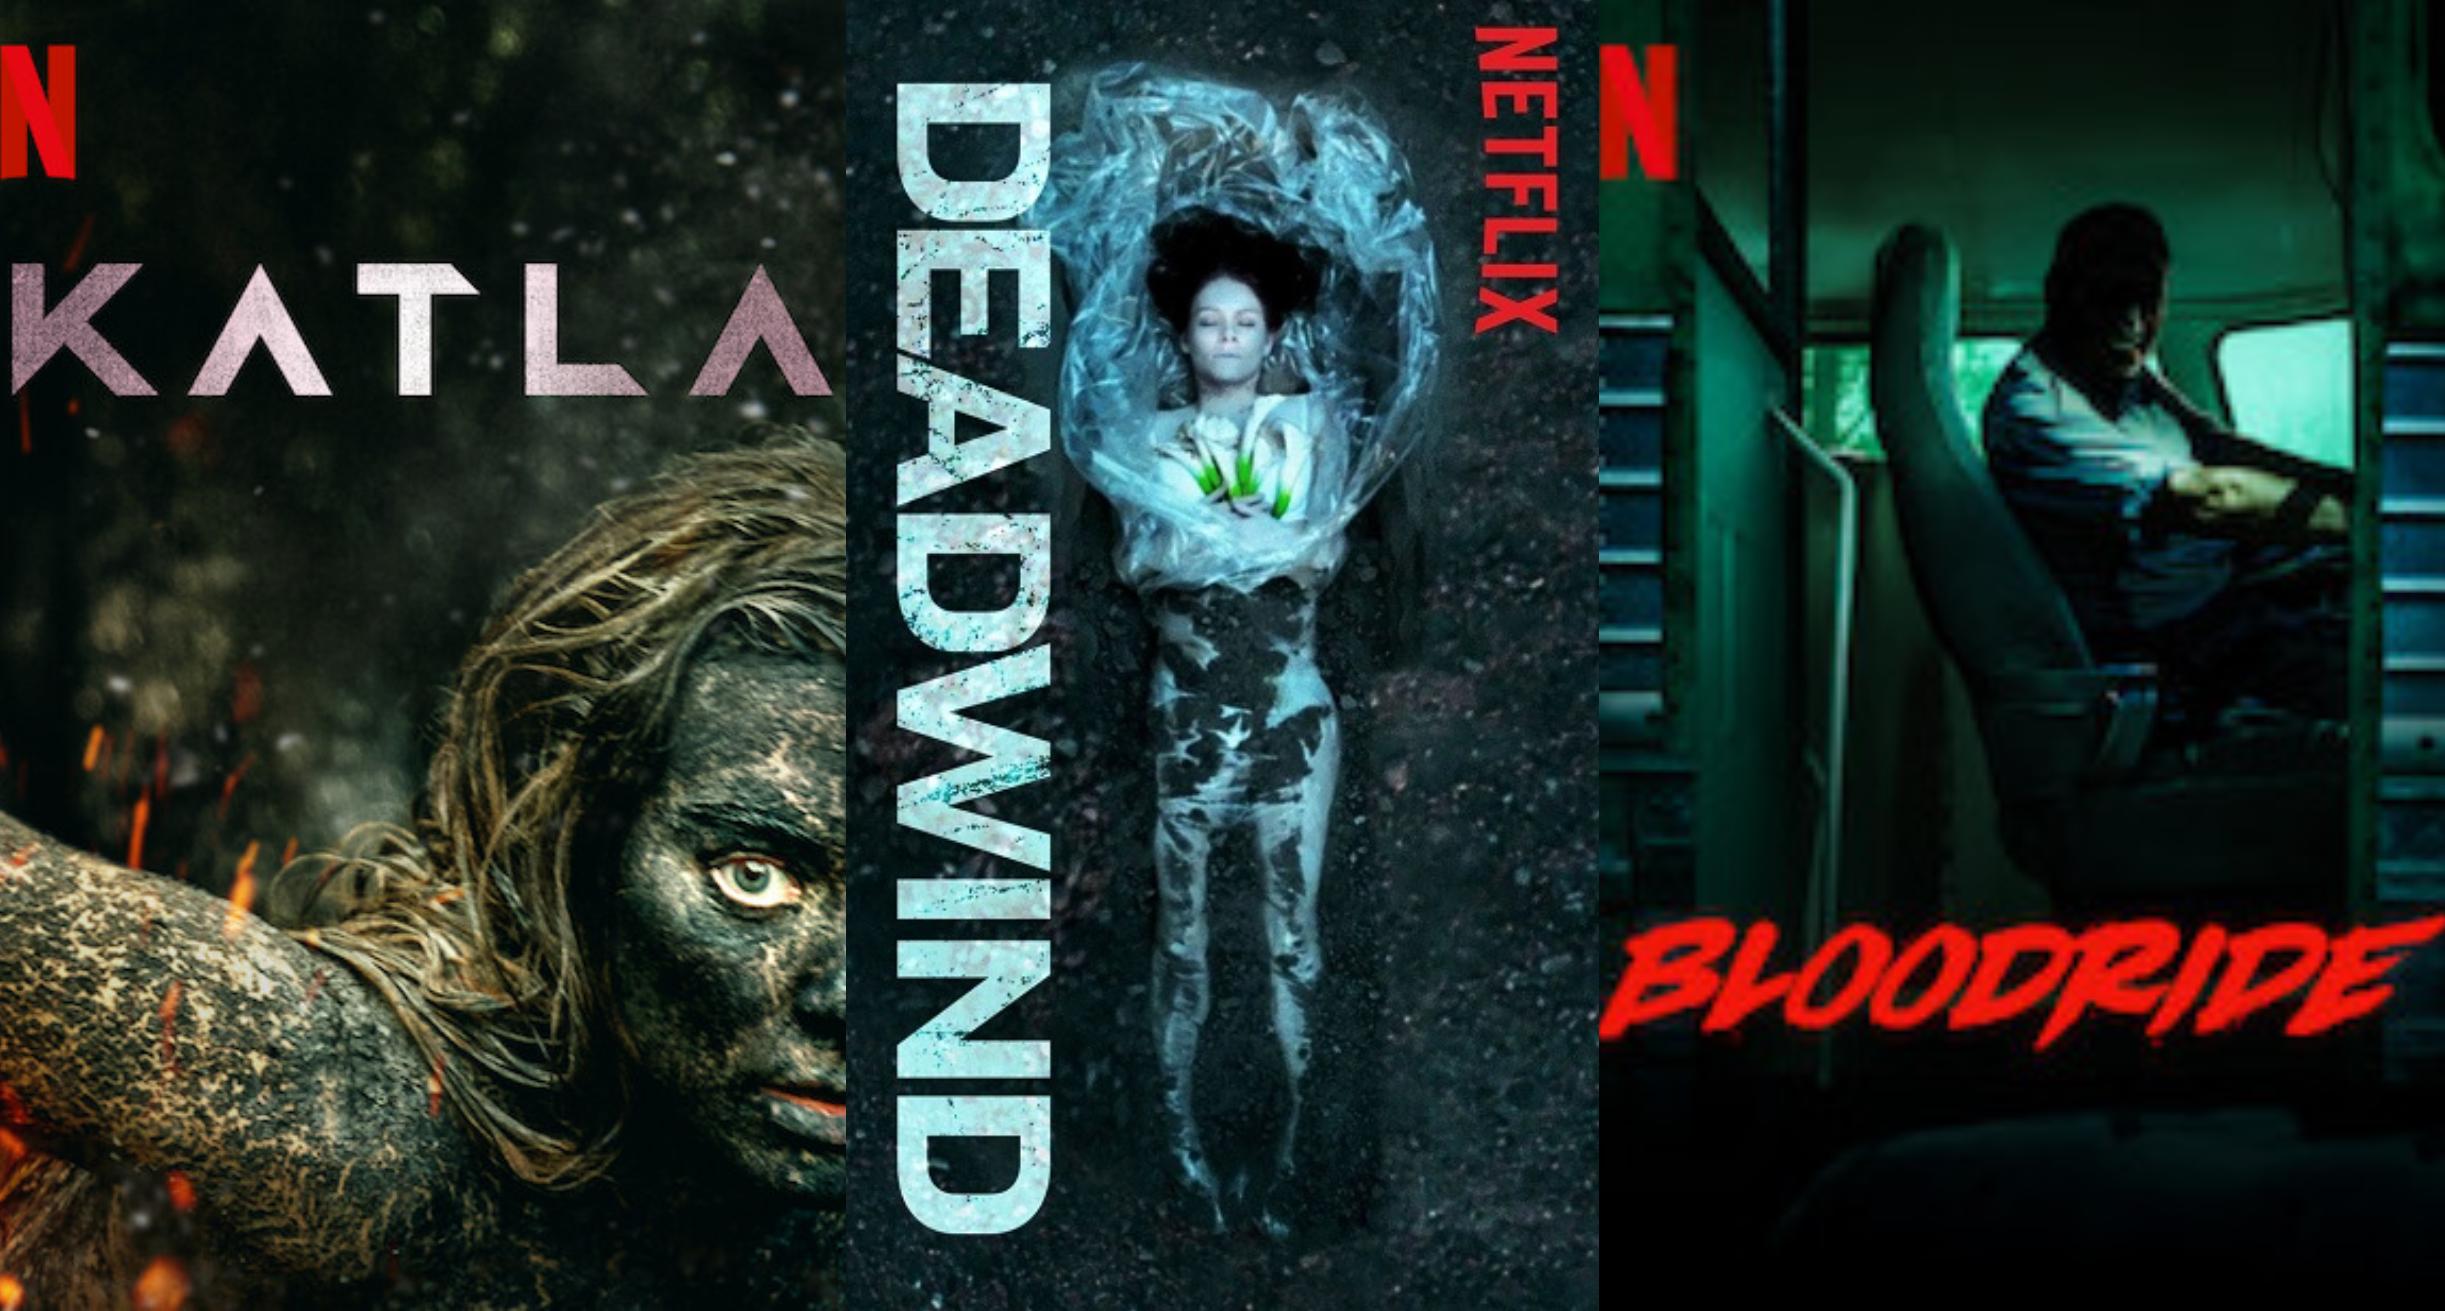 ESPECIAL: 10 series nórdicas de crimen y misterio disponibles en Netflix